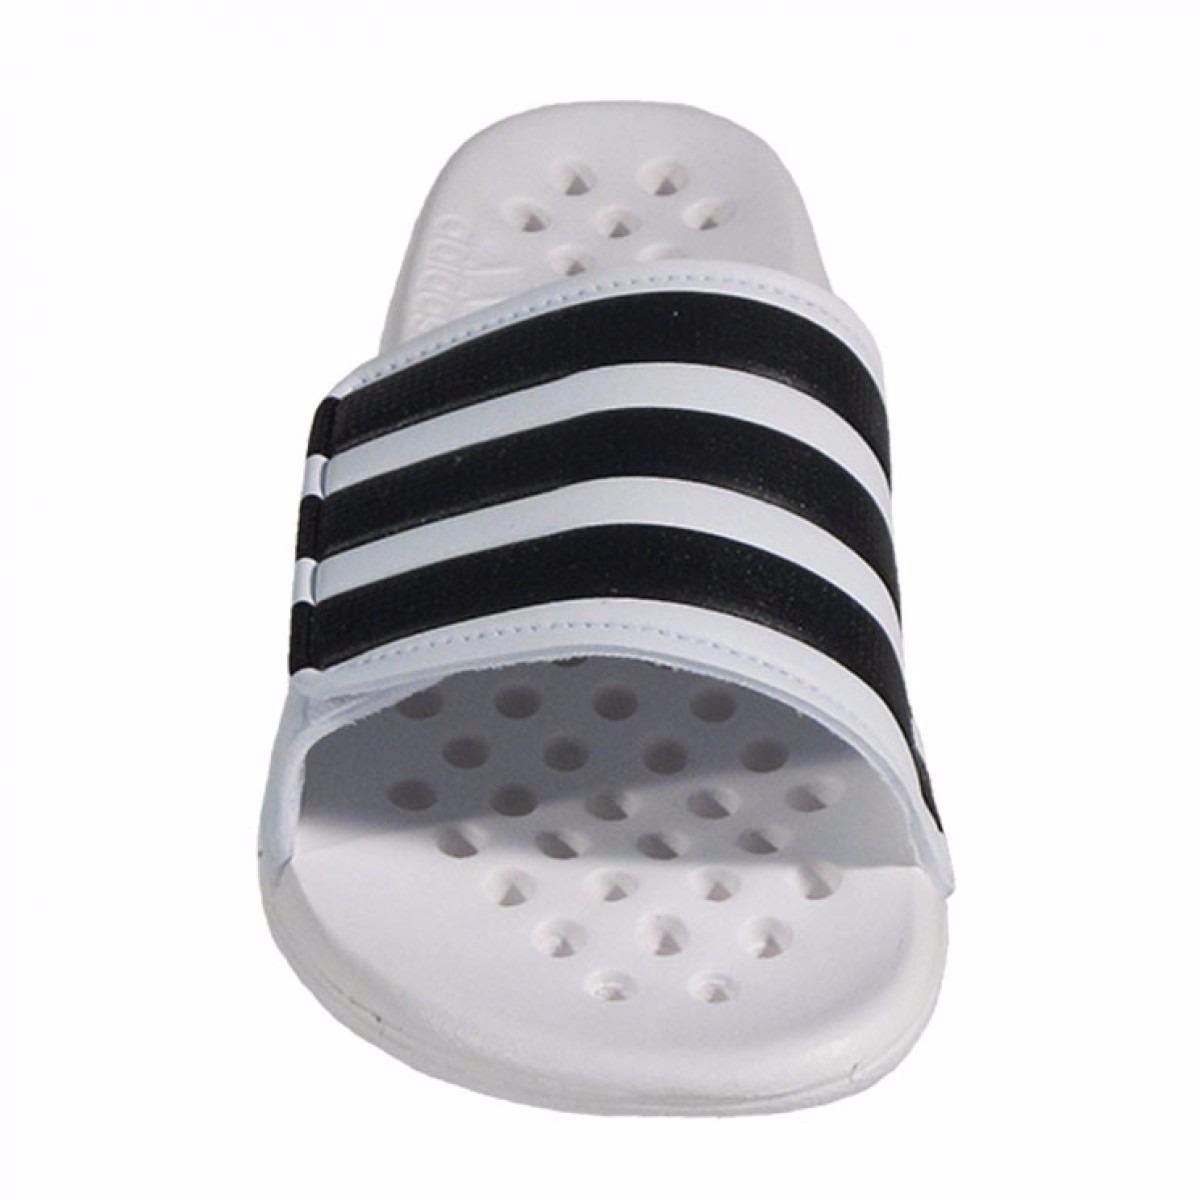 ojotas de natación adidas alquo vario velcro blanco y negro. Cargando zoom. 8d6d1b21271